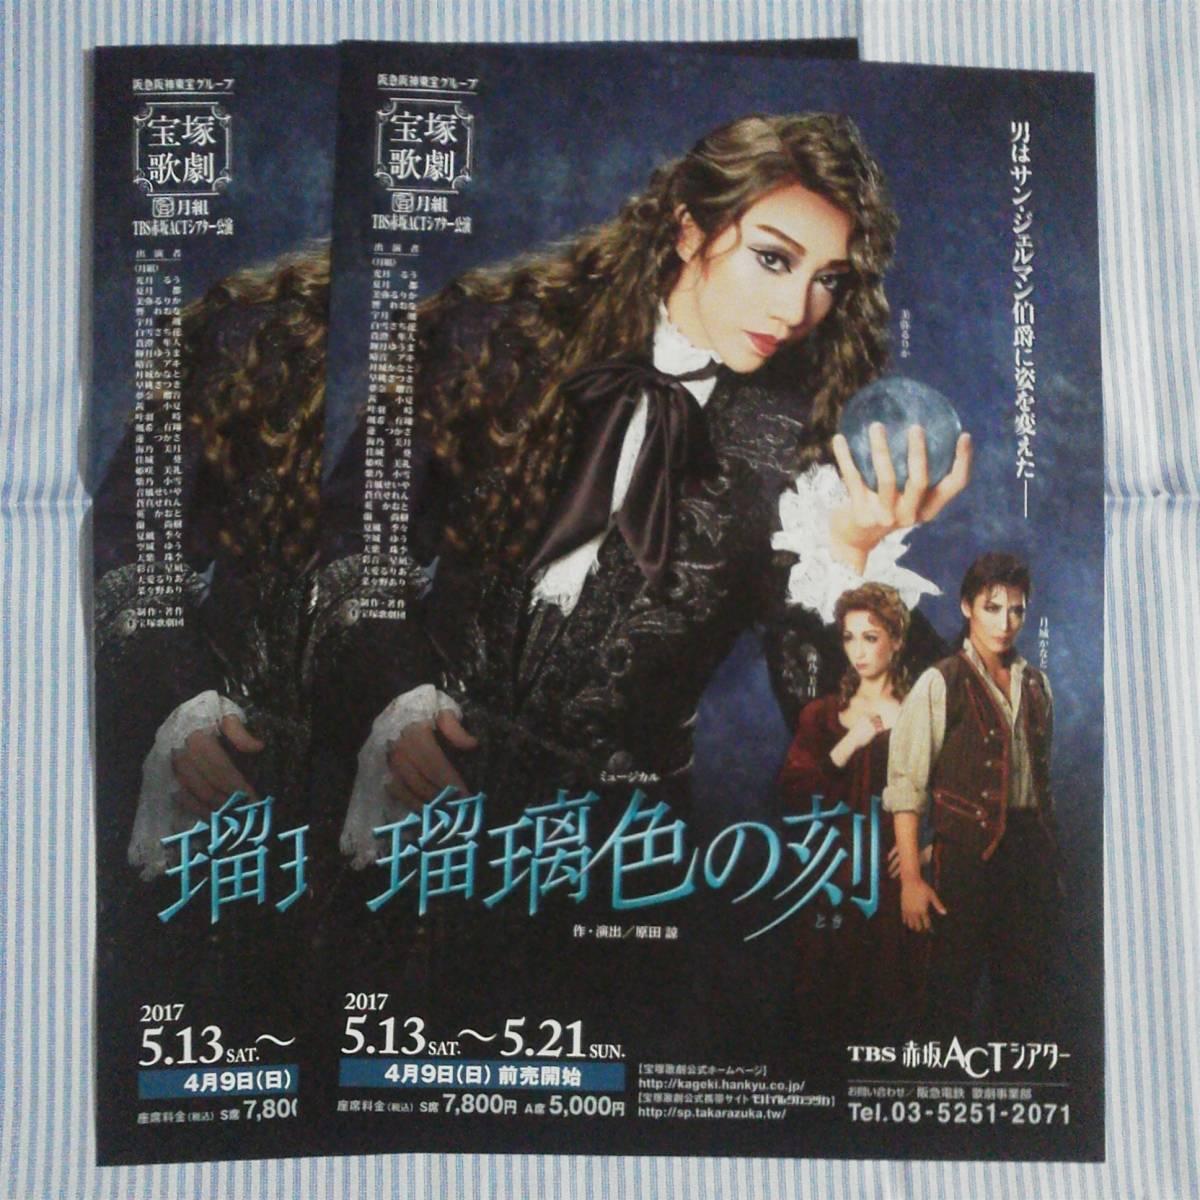 宝塚歌劇 チラシ 月組 美弥るりか 瑠璃色の刻 2枚